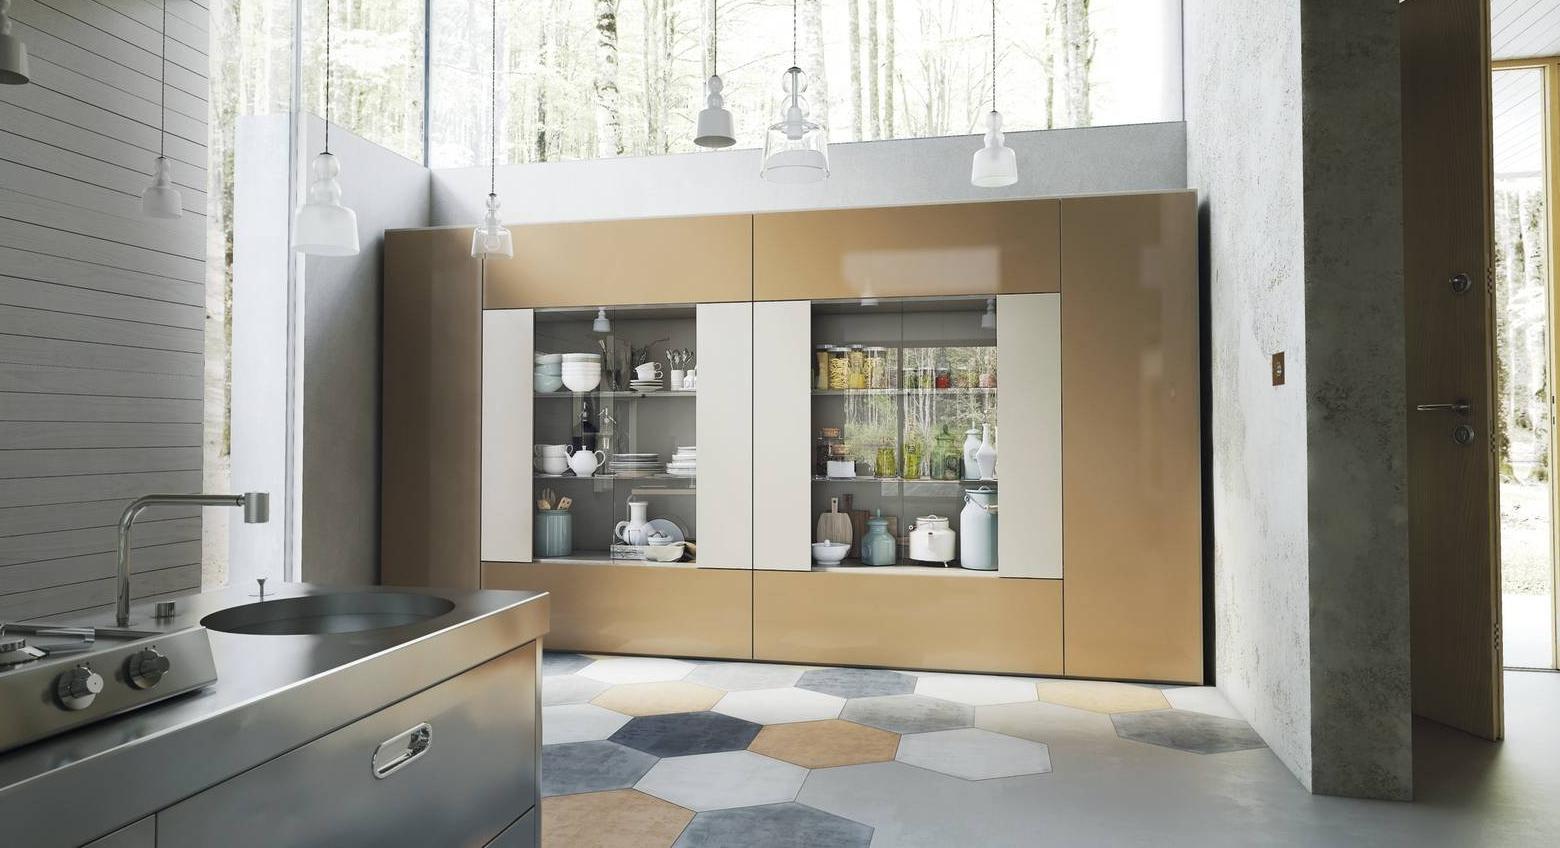 Colonne per la cucina e ogni cosa trova il posto giusto for Trova i progetti per la mia casa